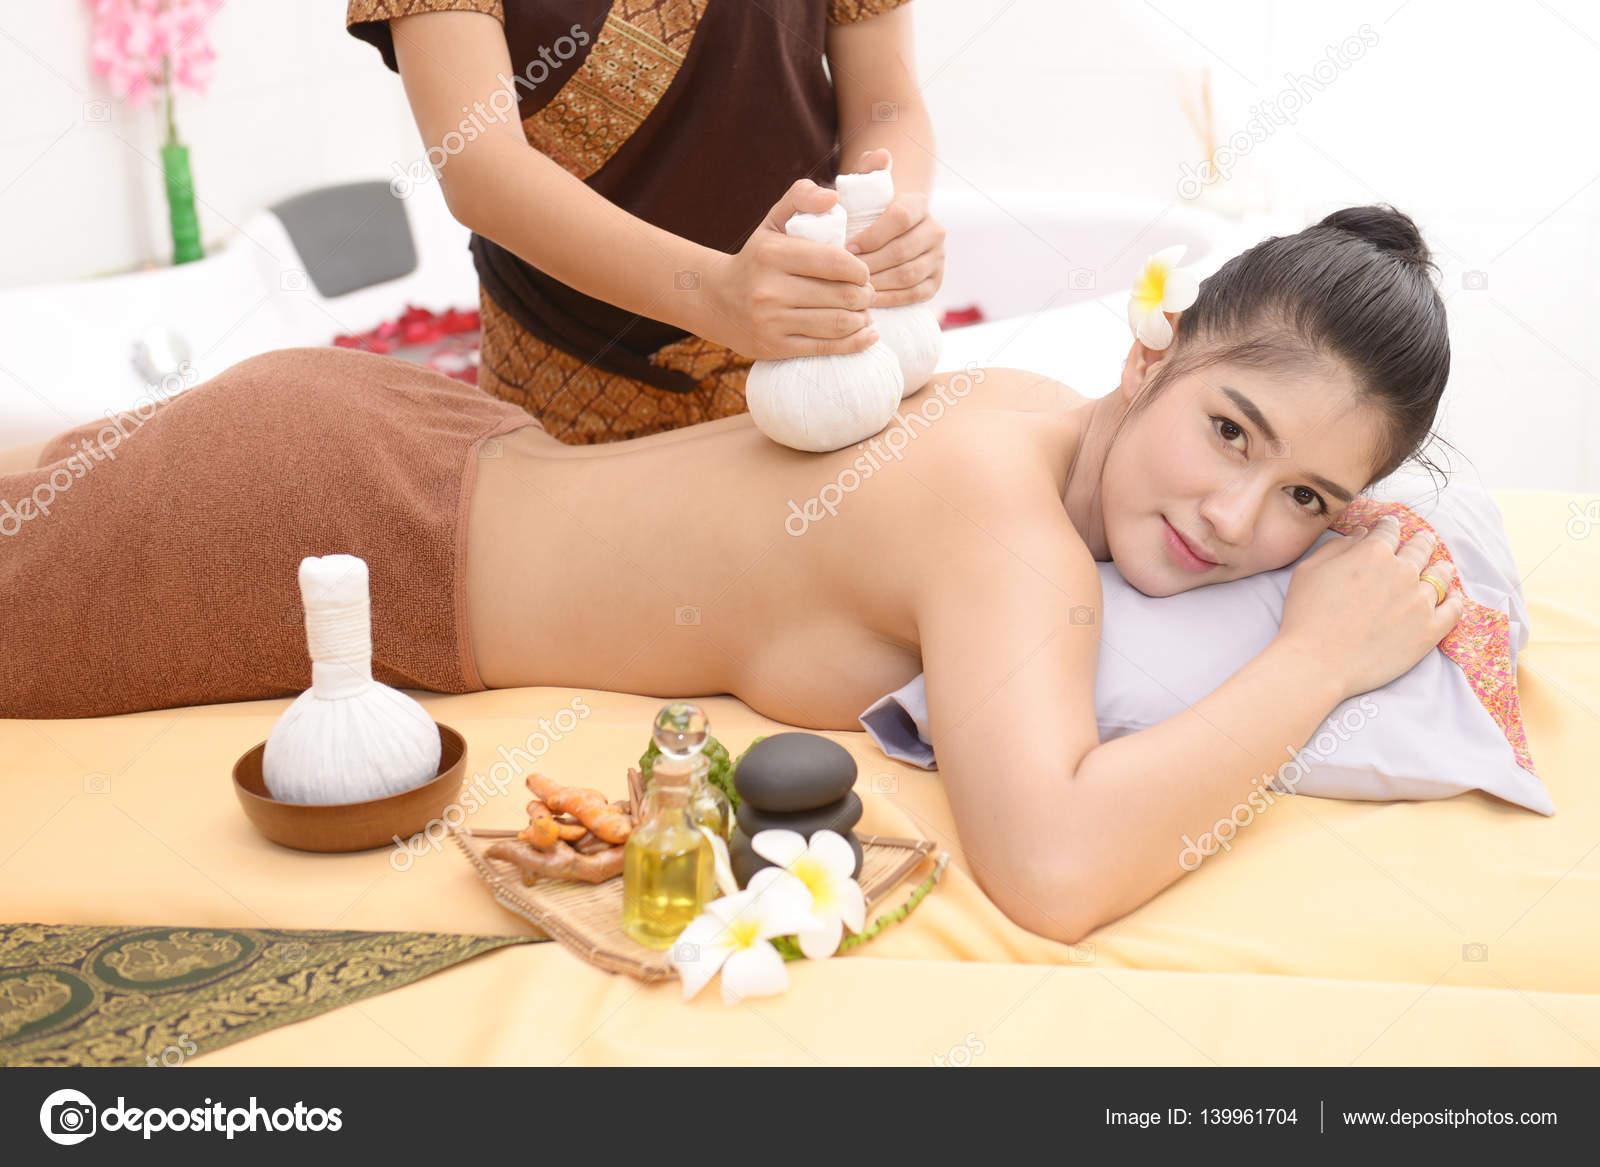 Тайский массаж негру